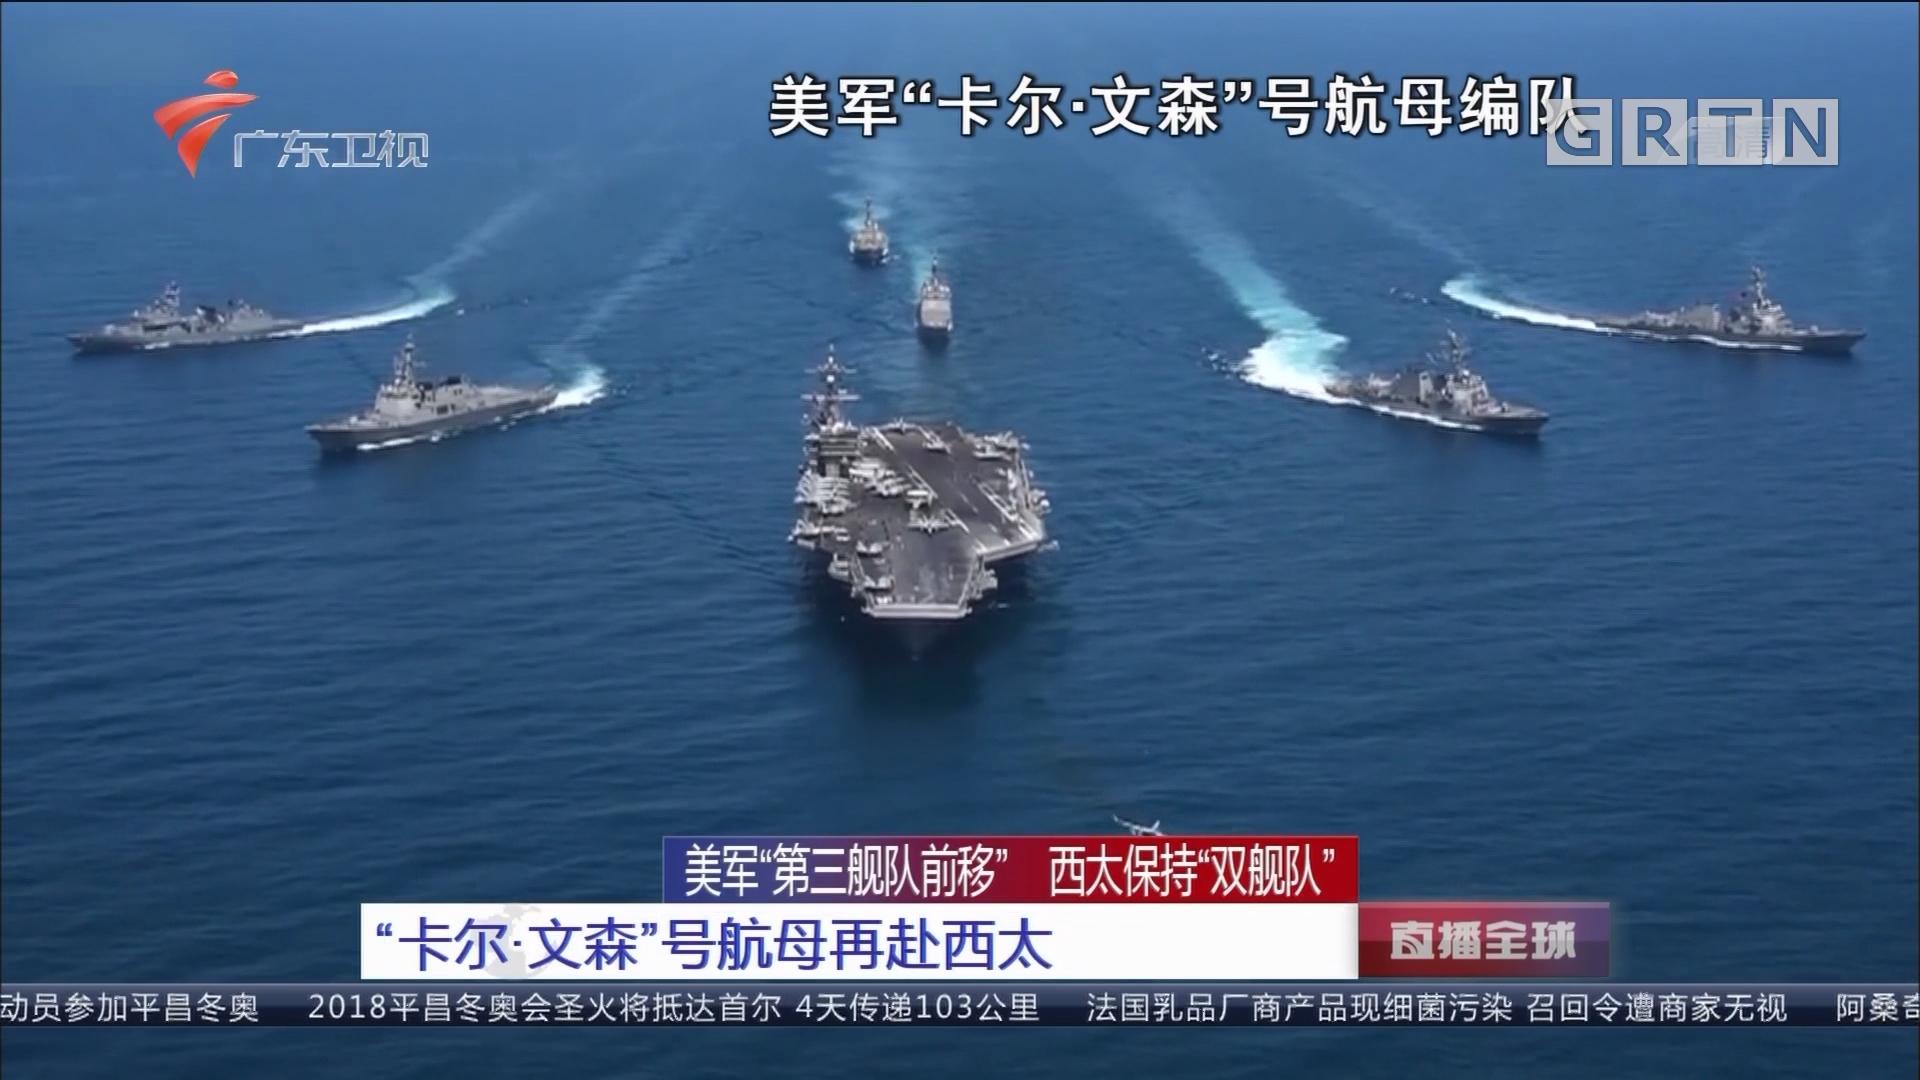 """美军""""第三舰队前移"""" 西太保持""""双舰队"""":""""卡尔·文森""""号航母再赴西太"""